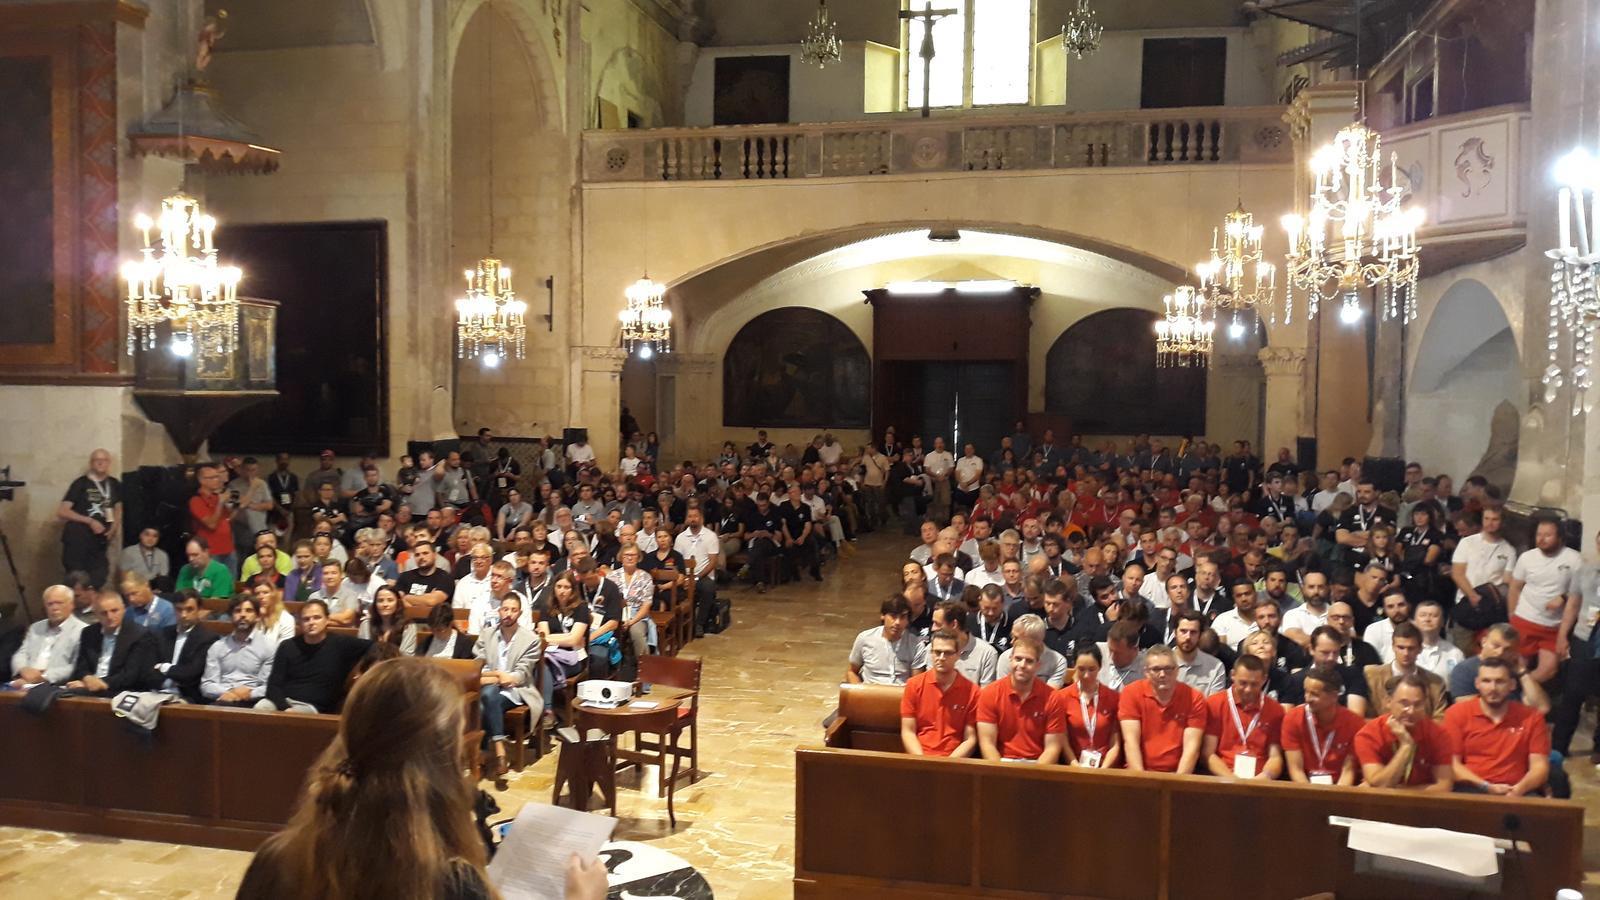 El mal temps ha obligat a fer la presentació dins l'església del Convent.